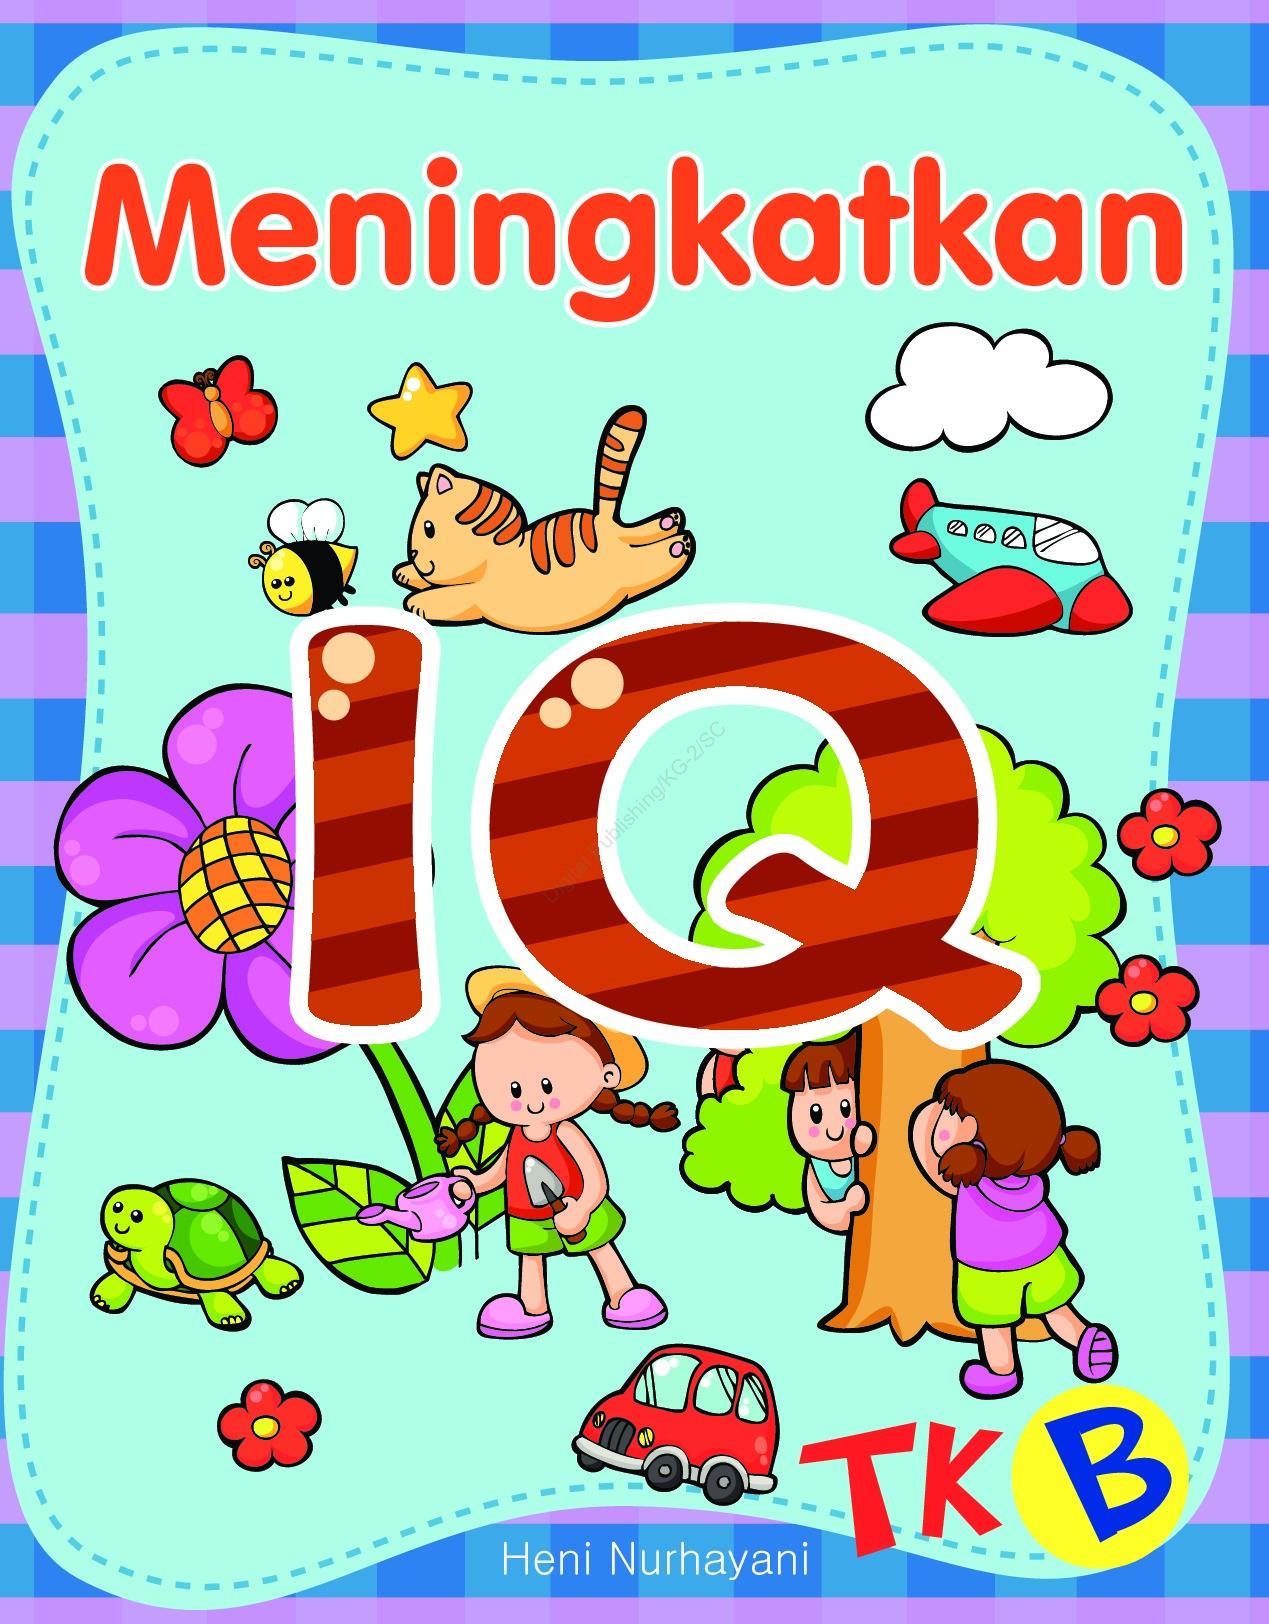 Jual Buku Meningkatkan Iq Tk B Oleh Heni Nurhayani Gramedia Majalah